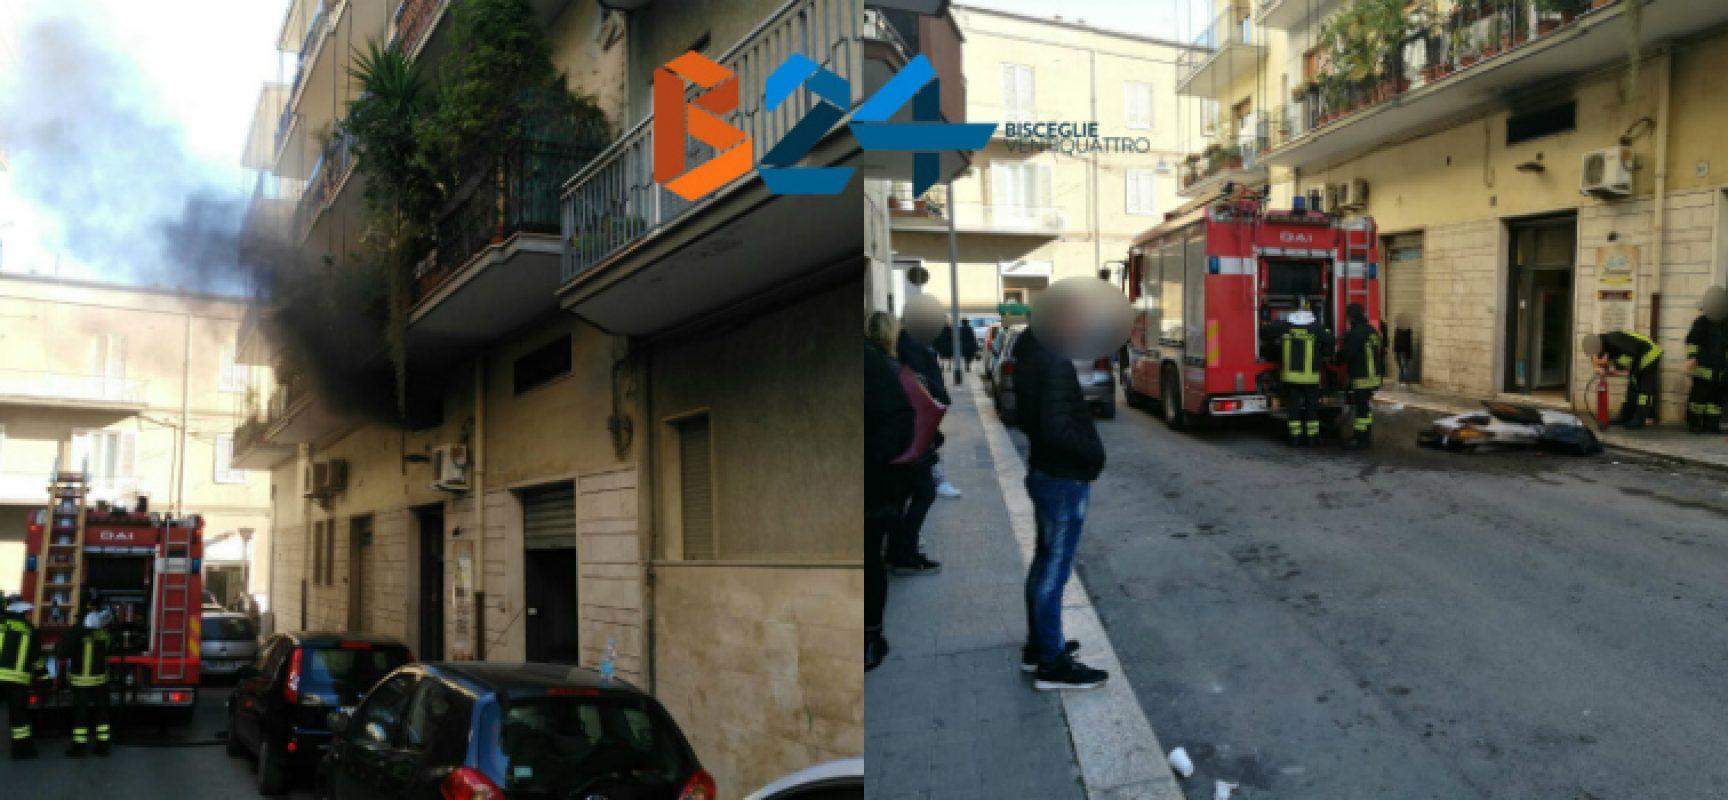 Incendio in un locale in zona corso Umberto, nessun ferito